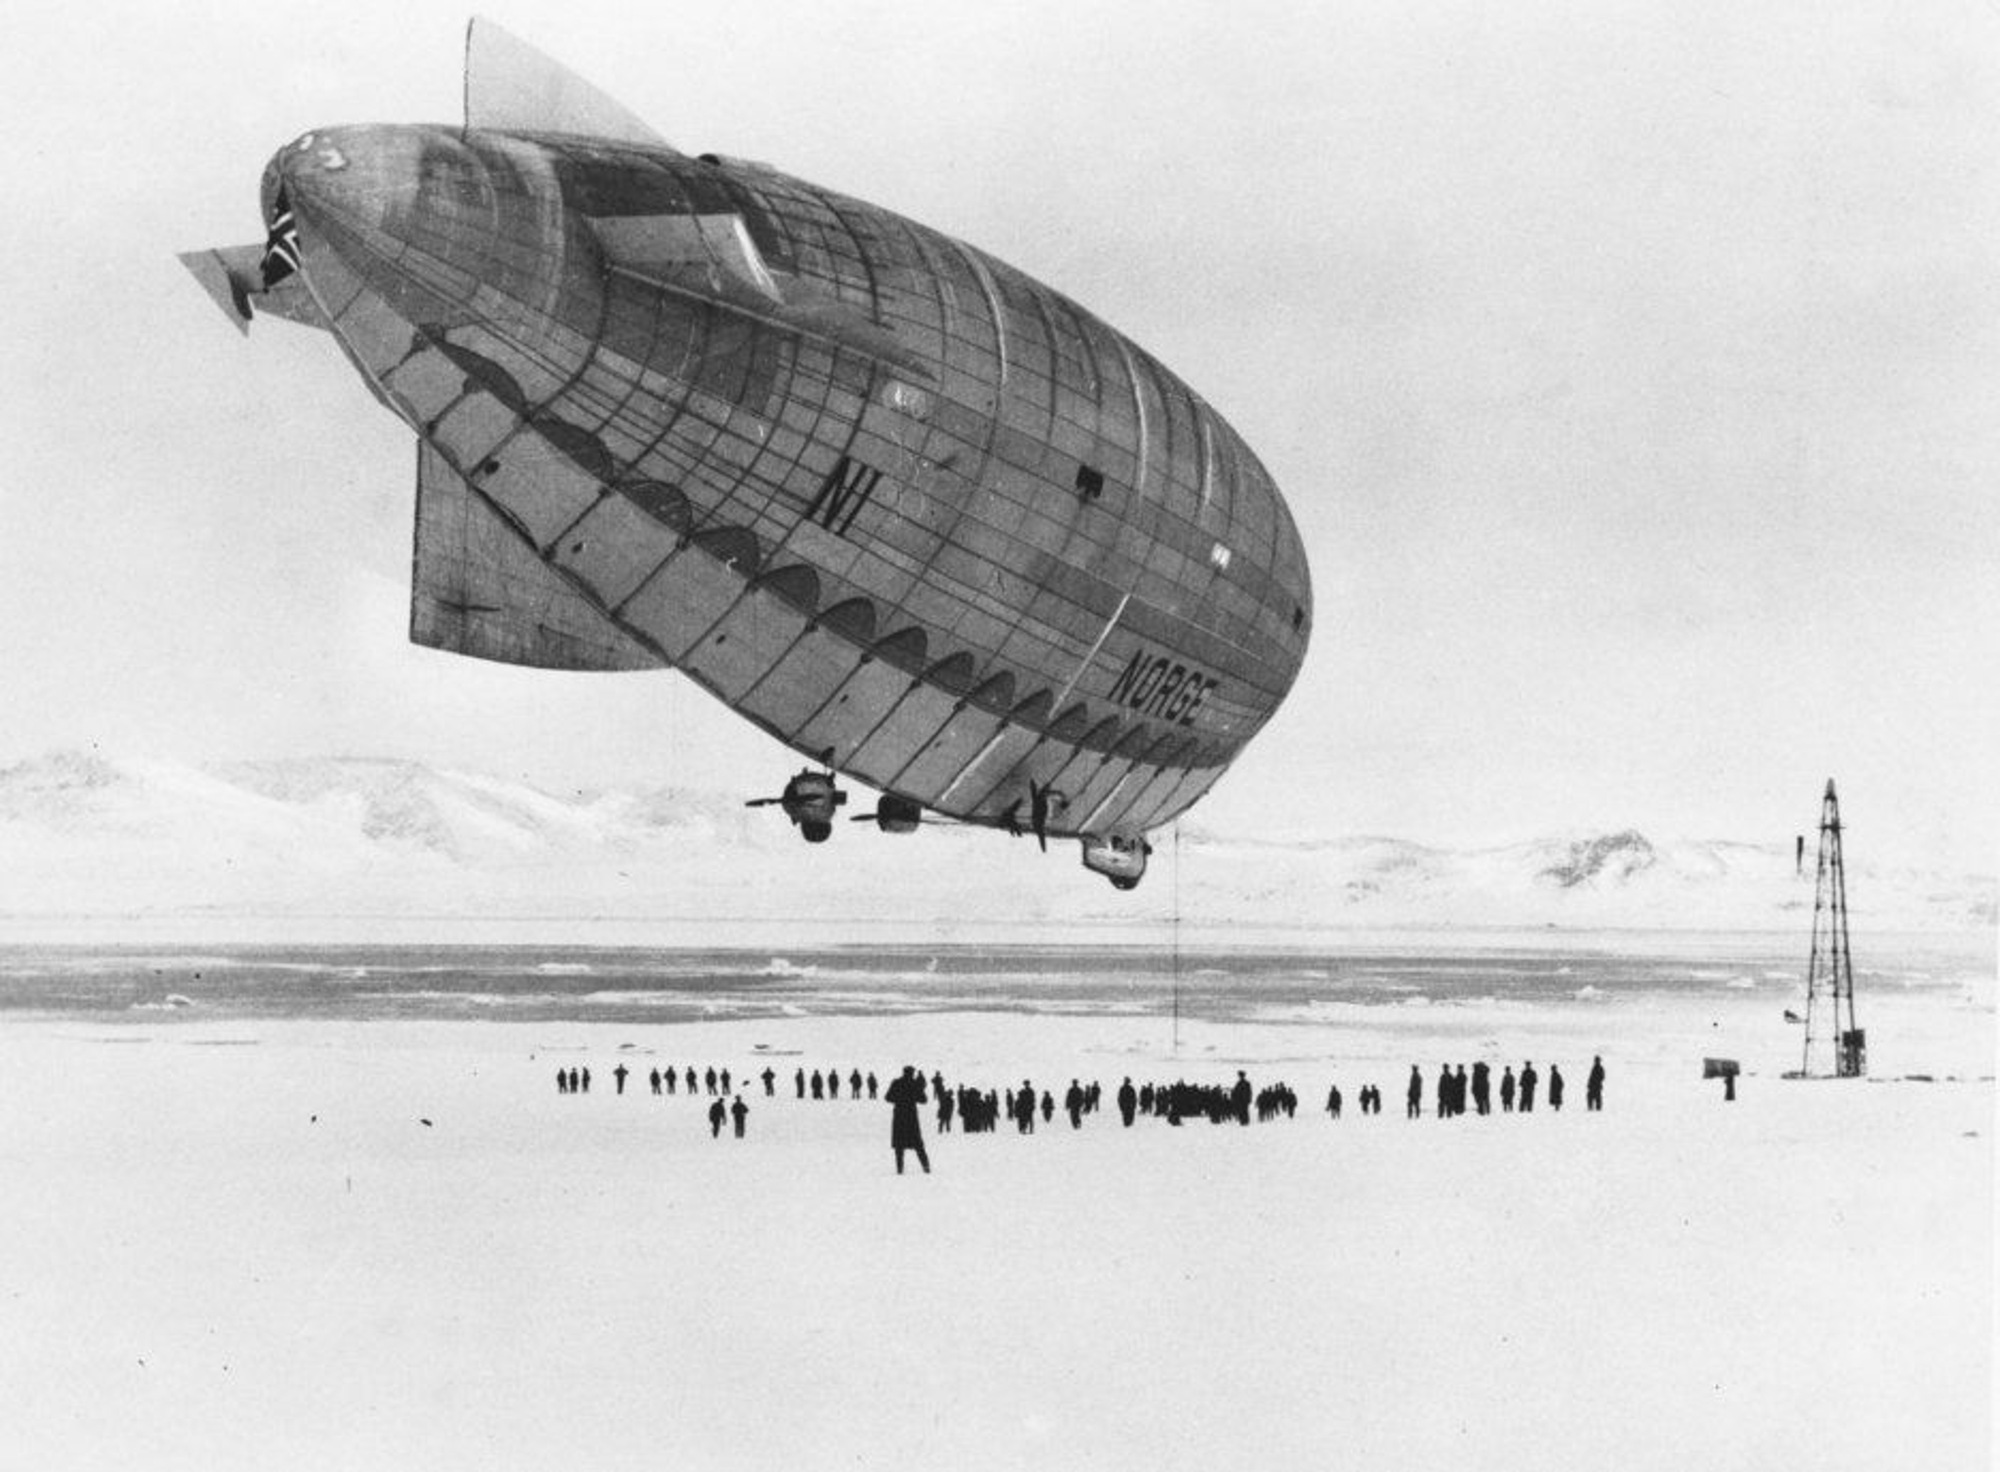 """LANG HISTORIE: Her drar Roald Amundsen og Ellsworth ut på nordpolferd med luftskipet """"Norge"""" i 1926. Nå ser svensk bygningsindustri på bruk av luftskip som løfteredskap."""